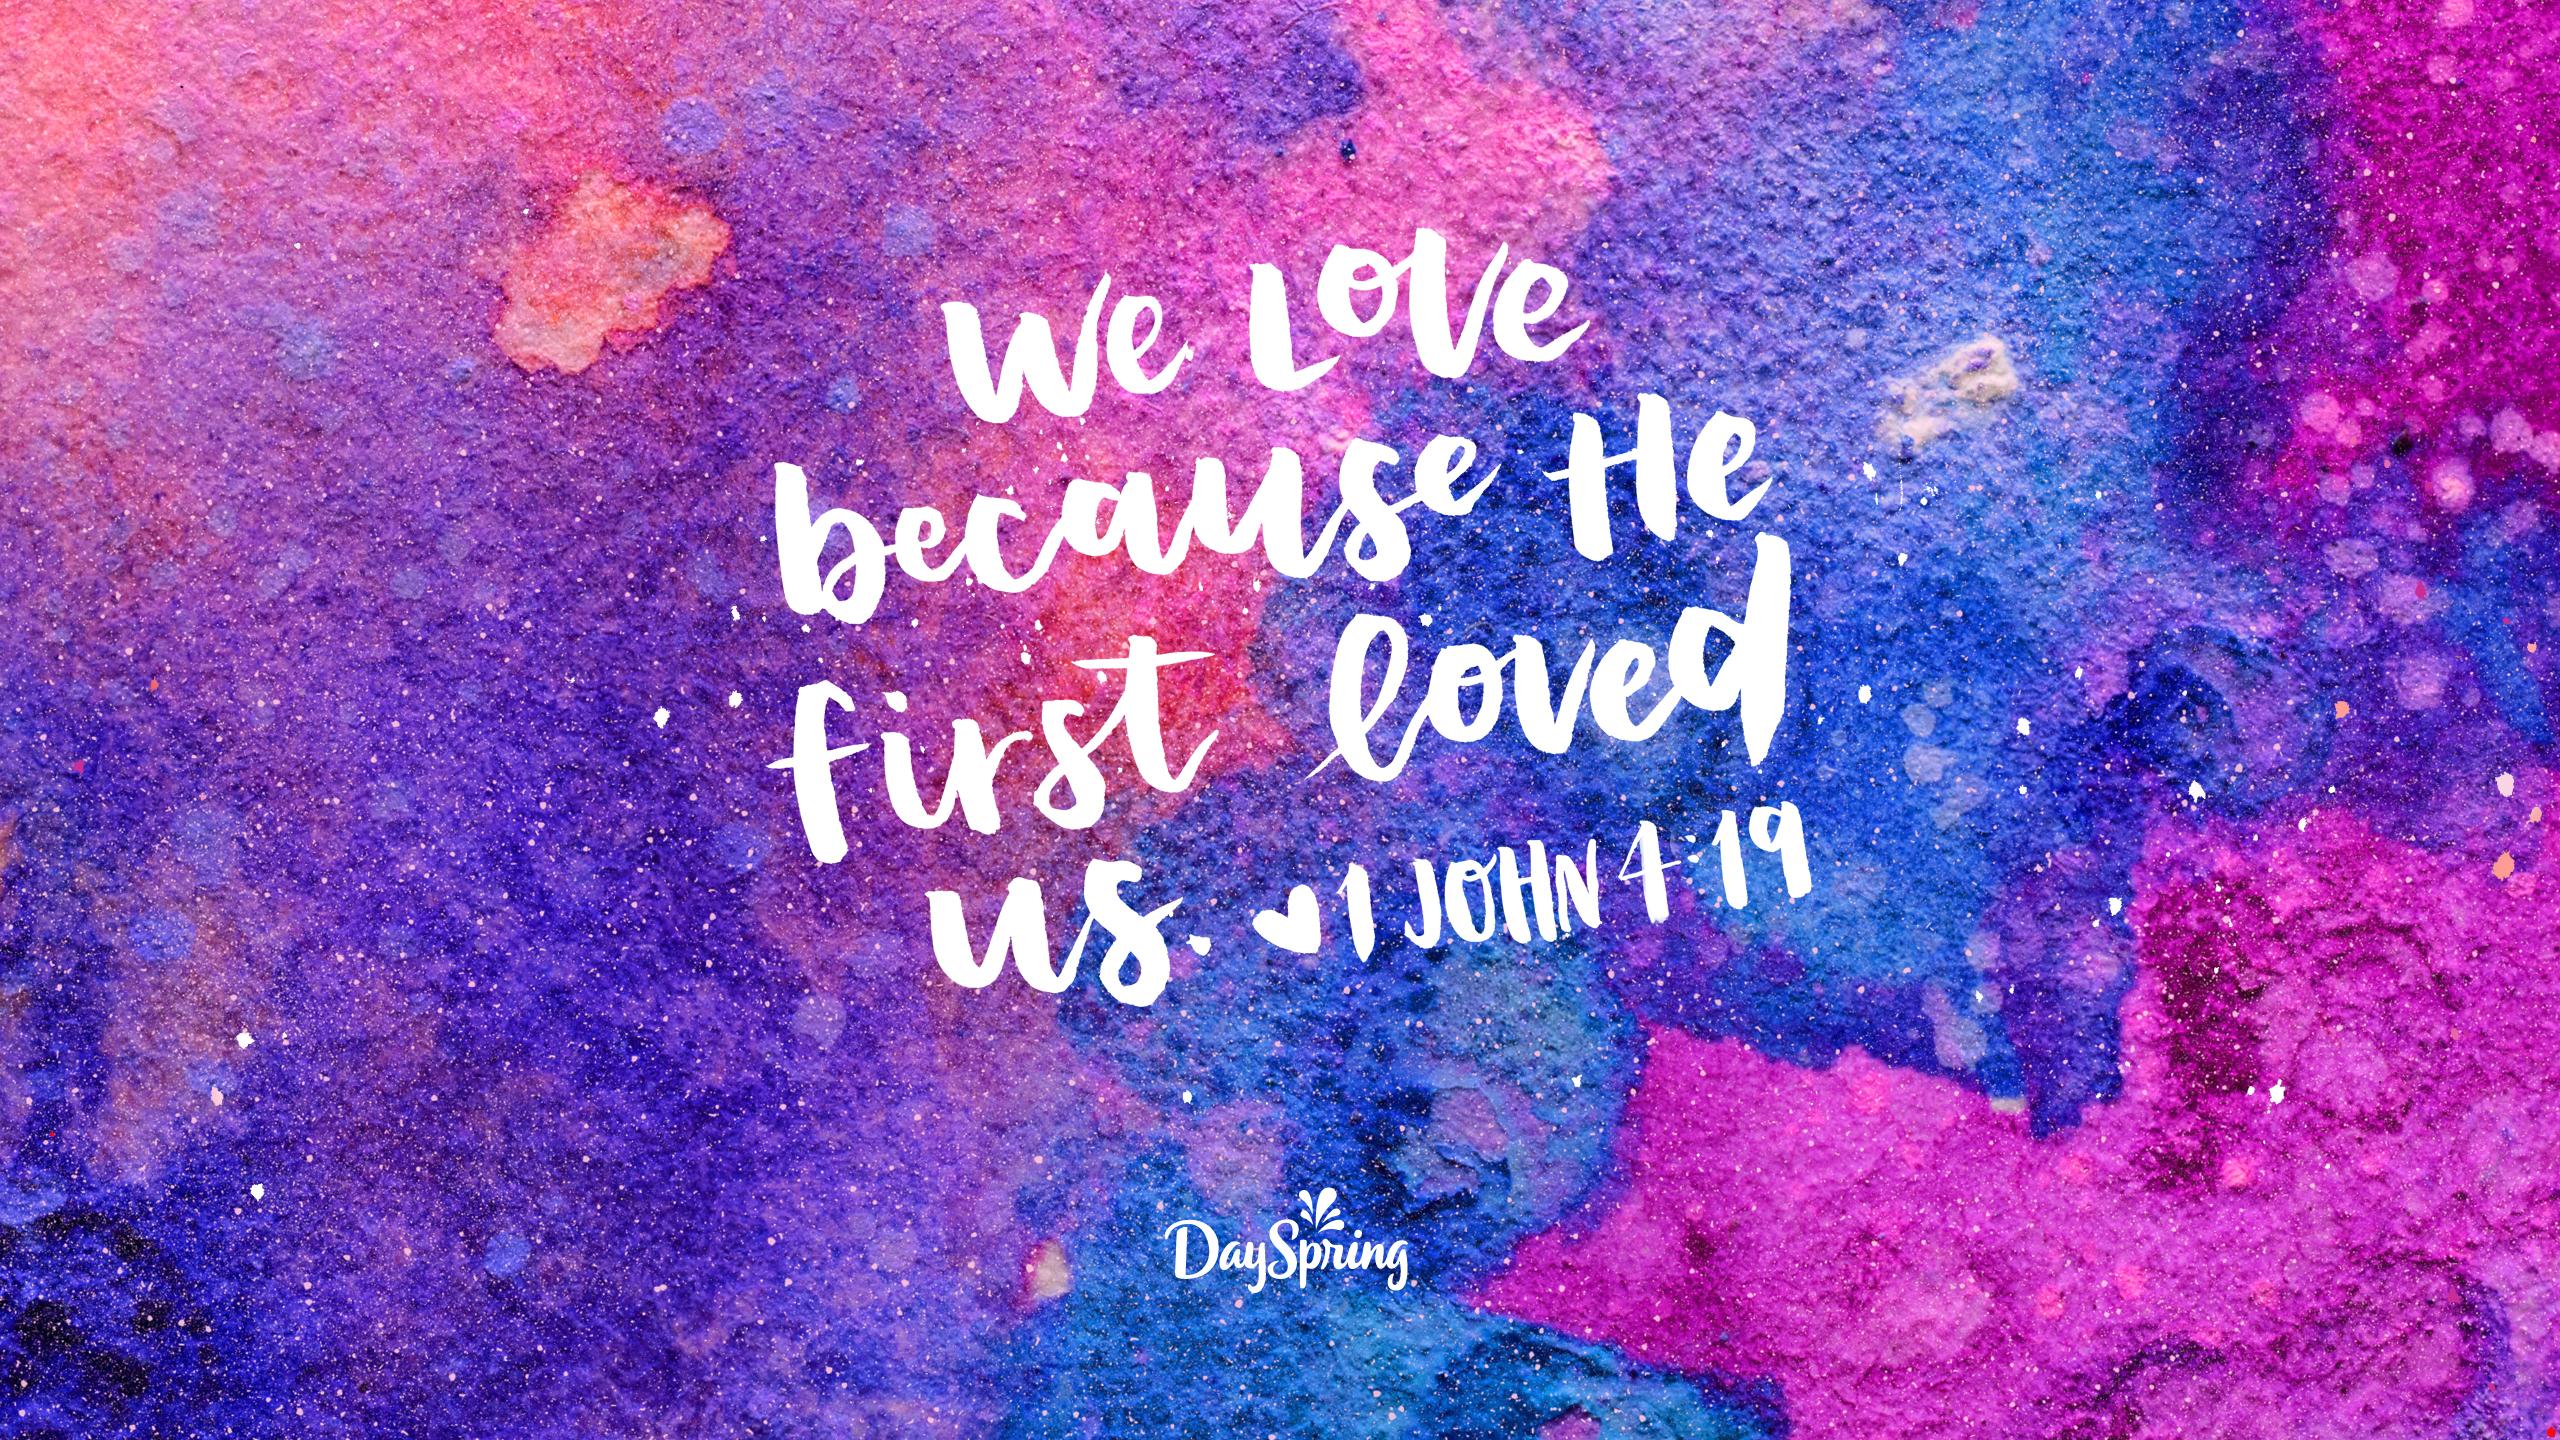 First Loved Us Desktop Wallpaper Hd Bible Verse 2560x1440 Download Hd Wallpaper Wallpapertip